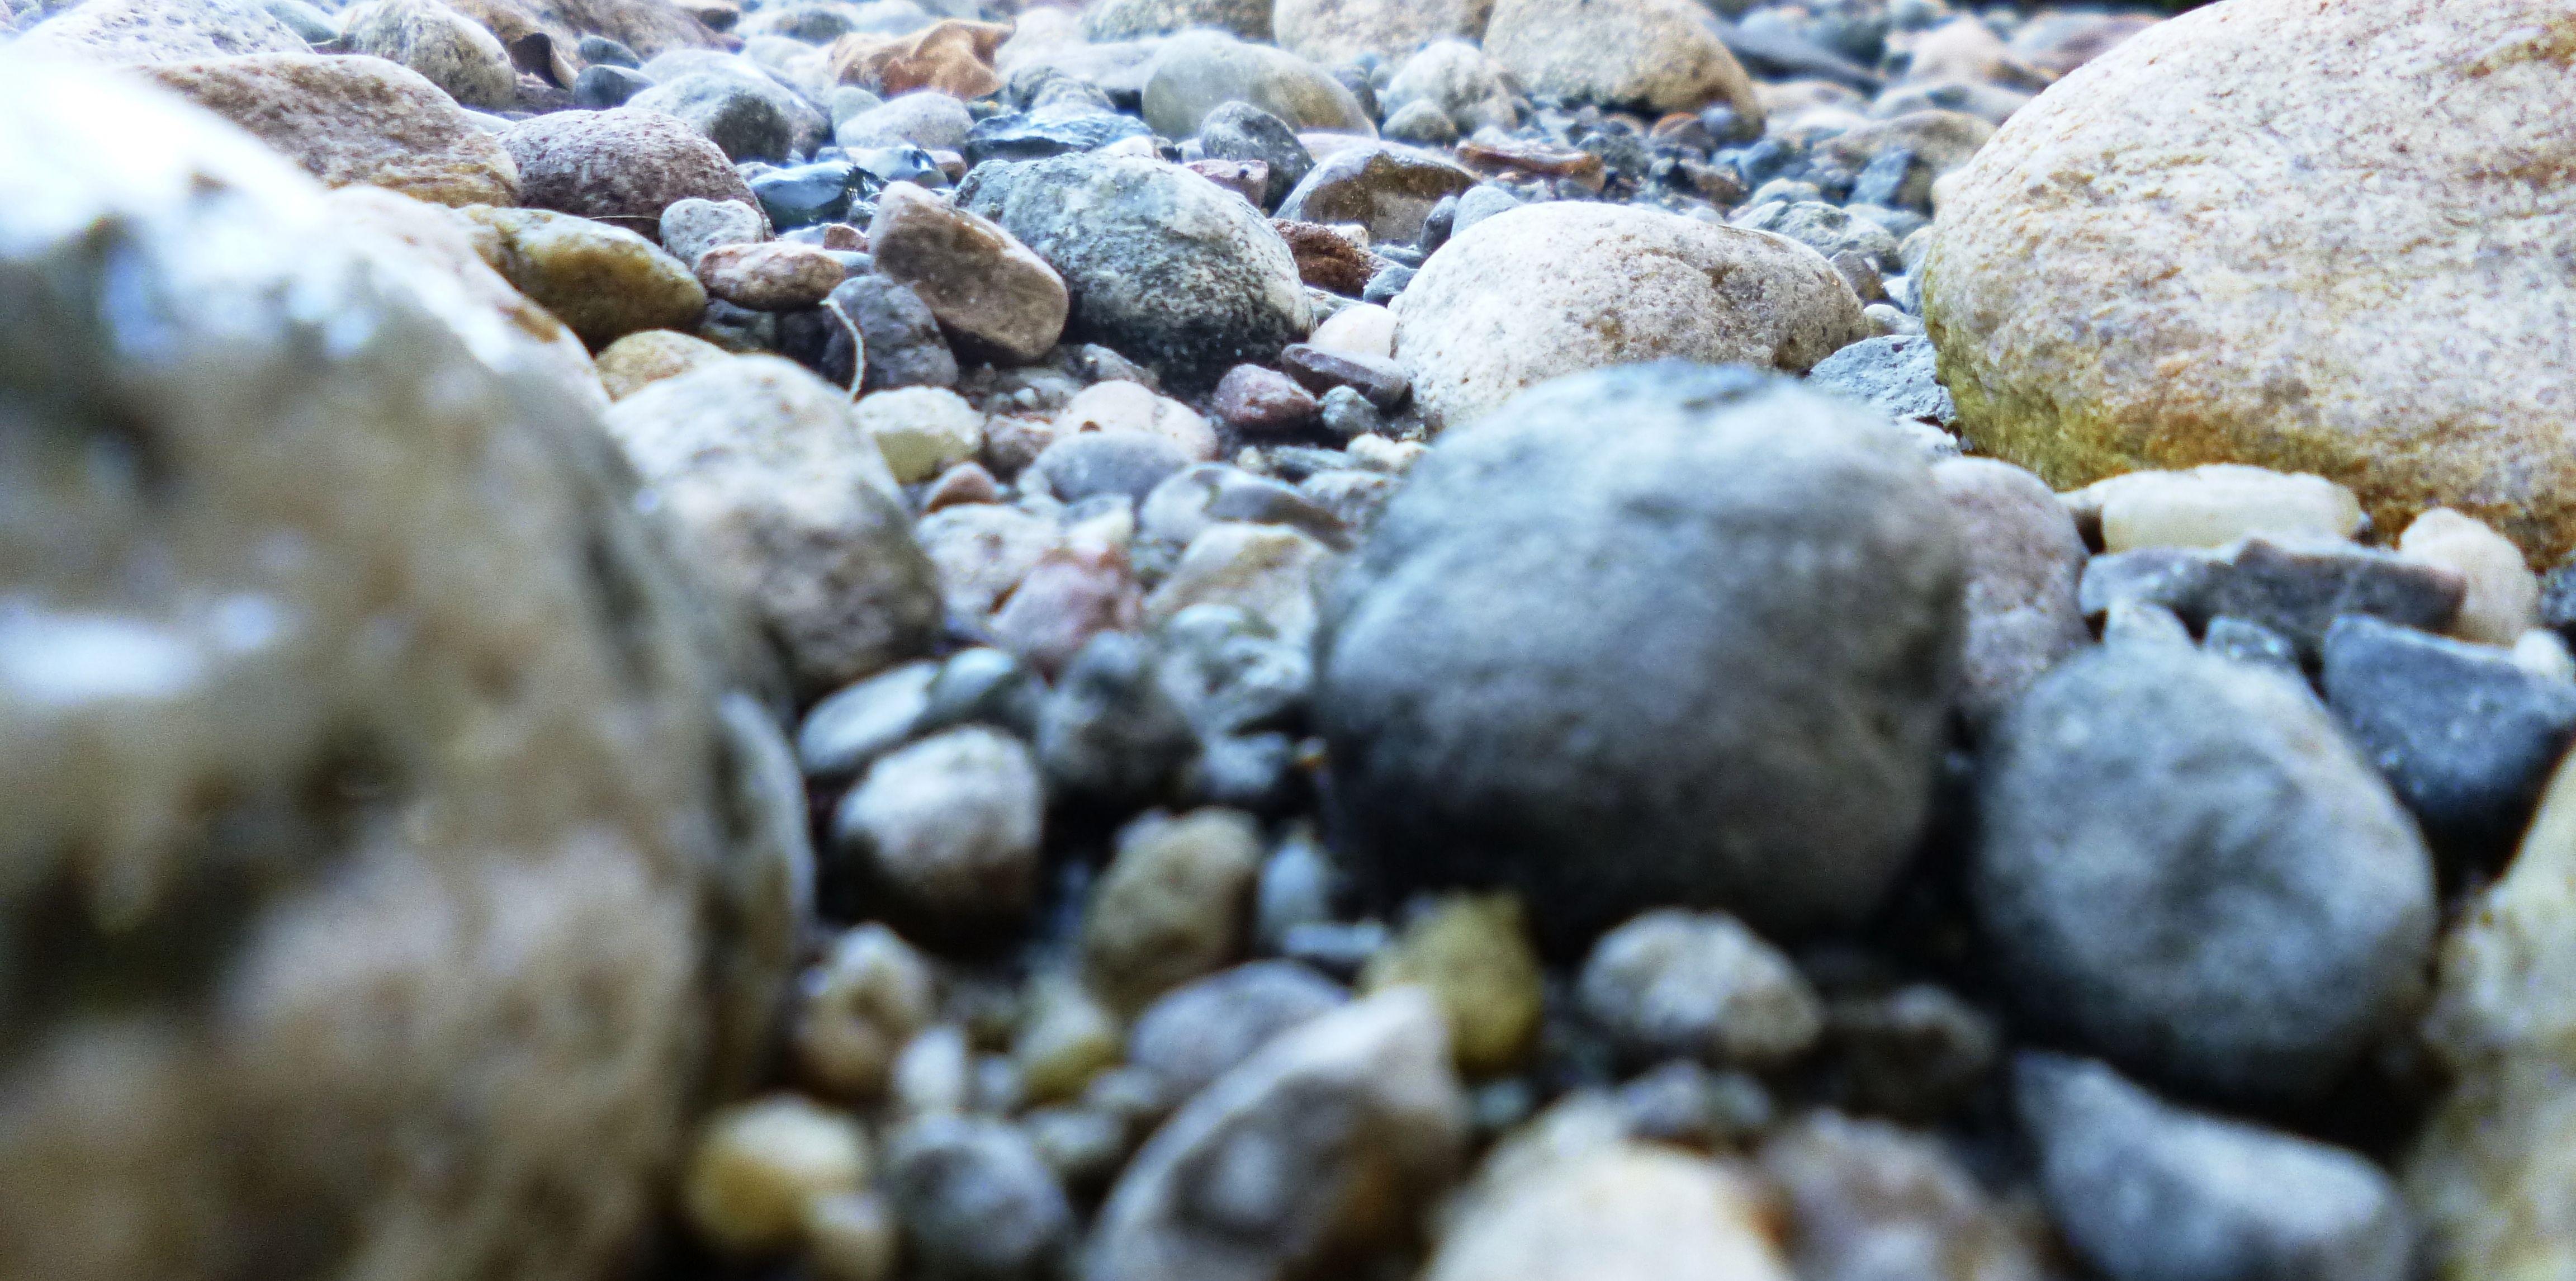 Piedras de rio com nmente se usan para el dise o y for Estanques artificiales construccion